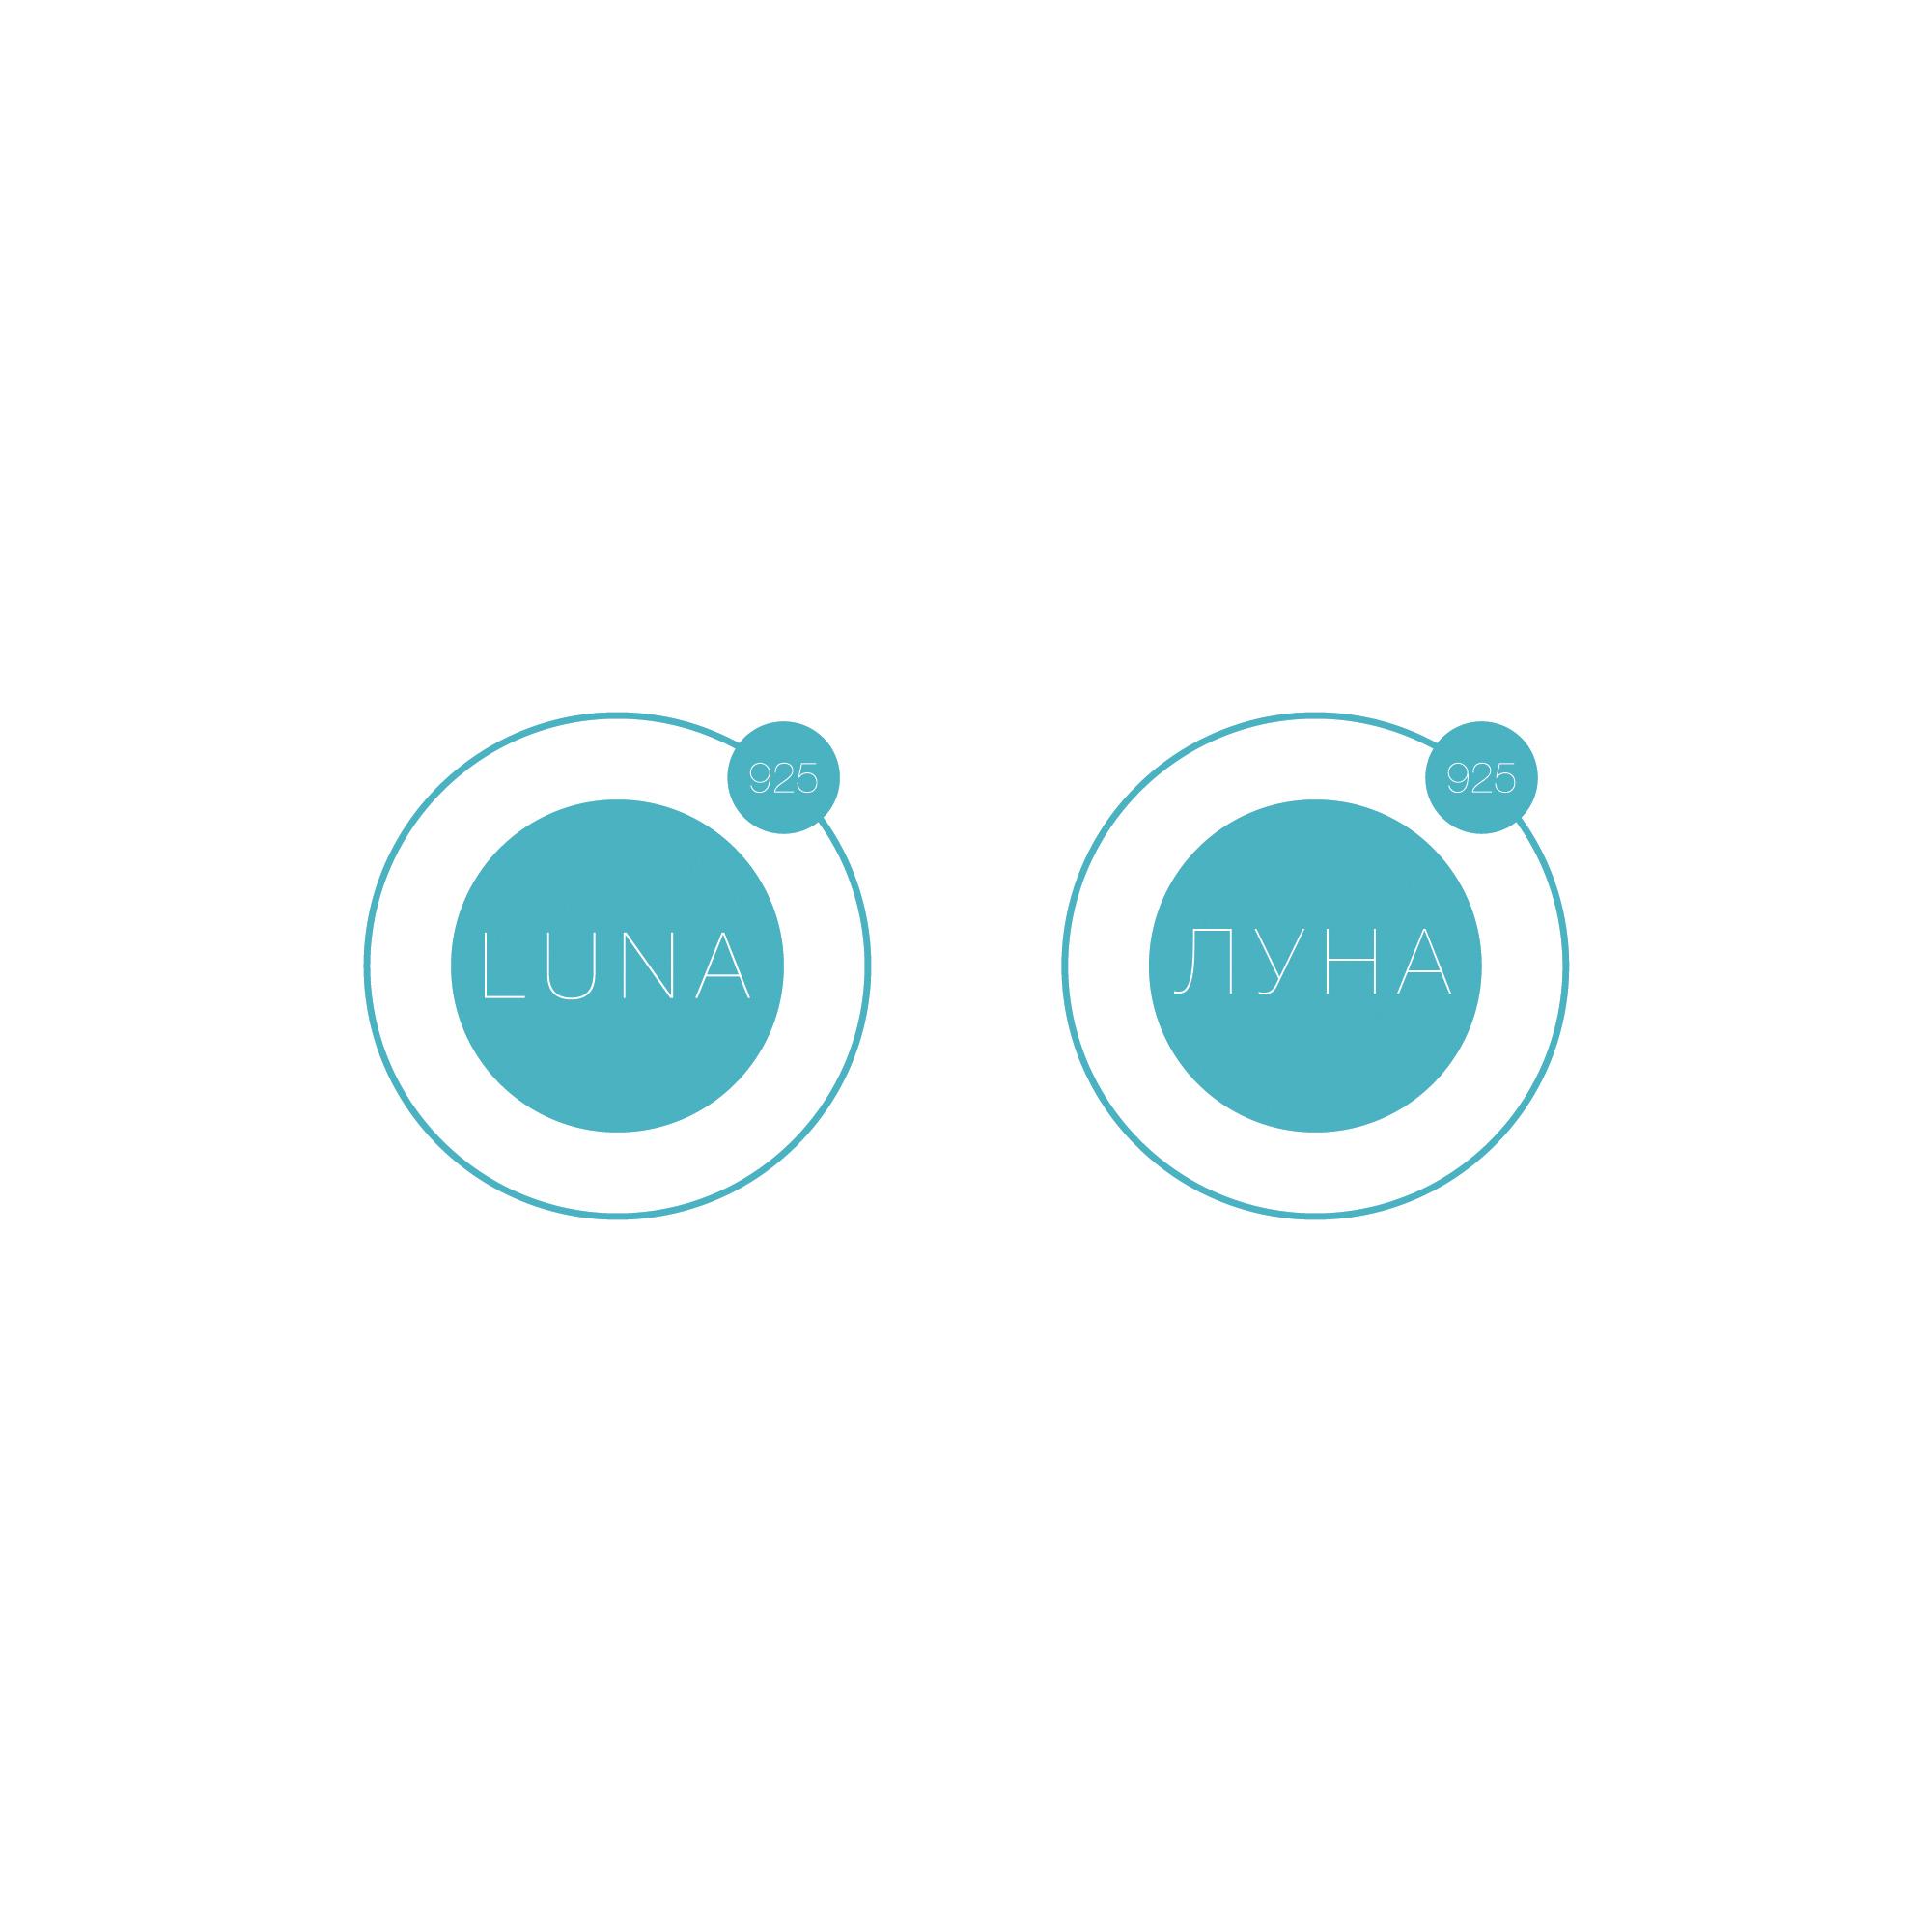 Логотип для столового серебра и посуды из серебра фото f_4065bab798d66540.jpg